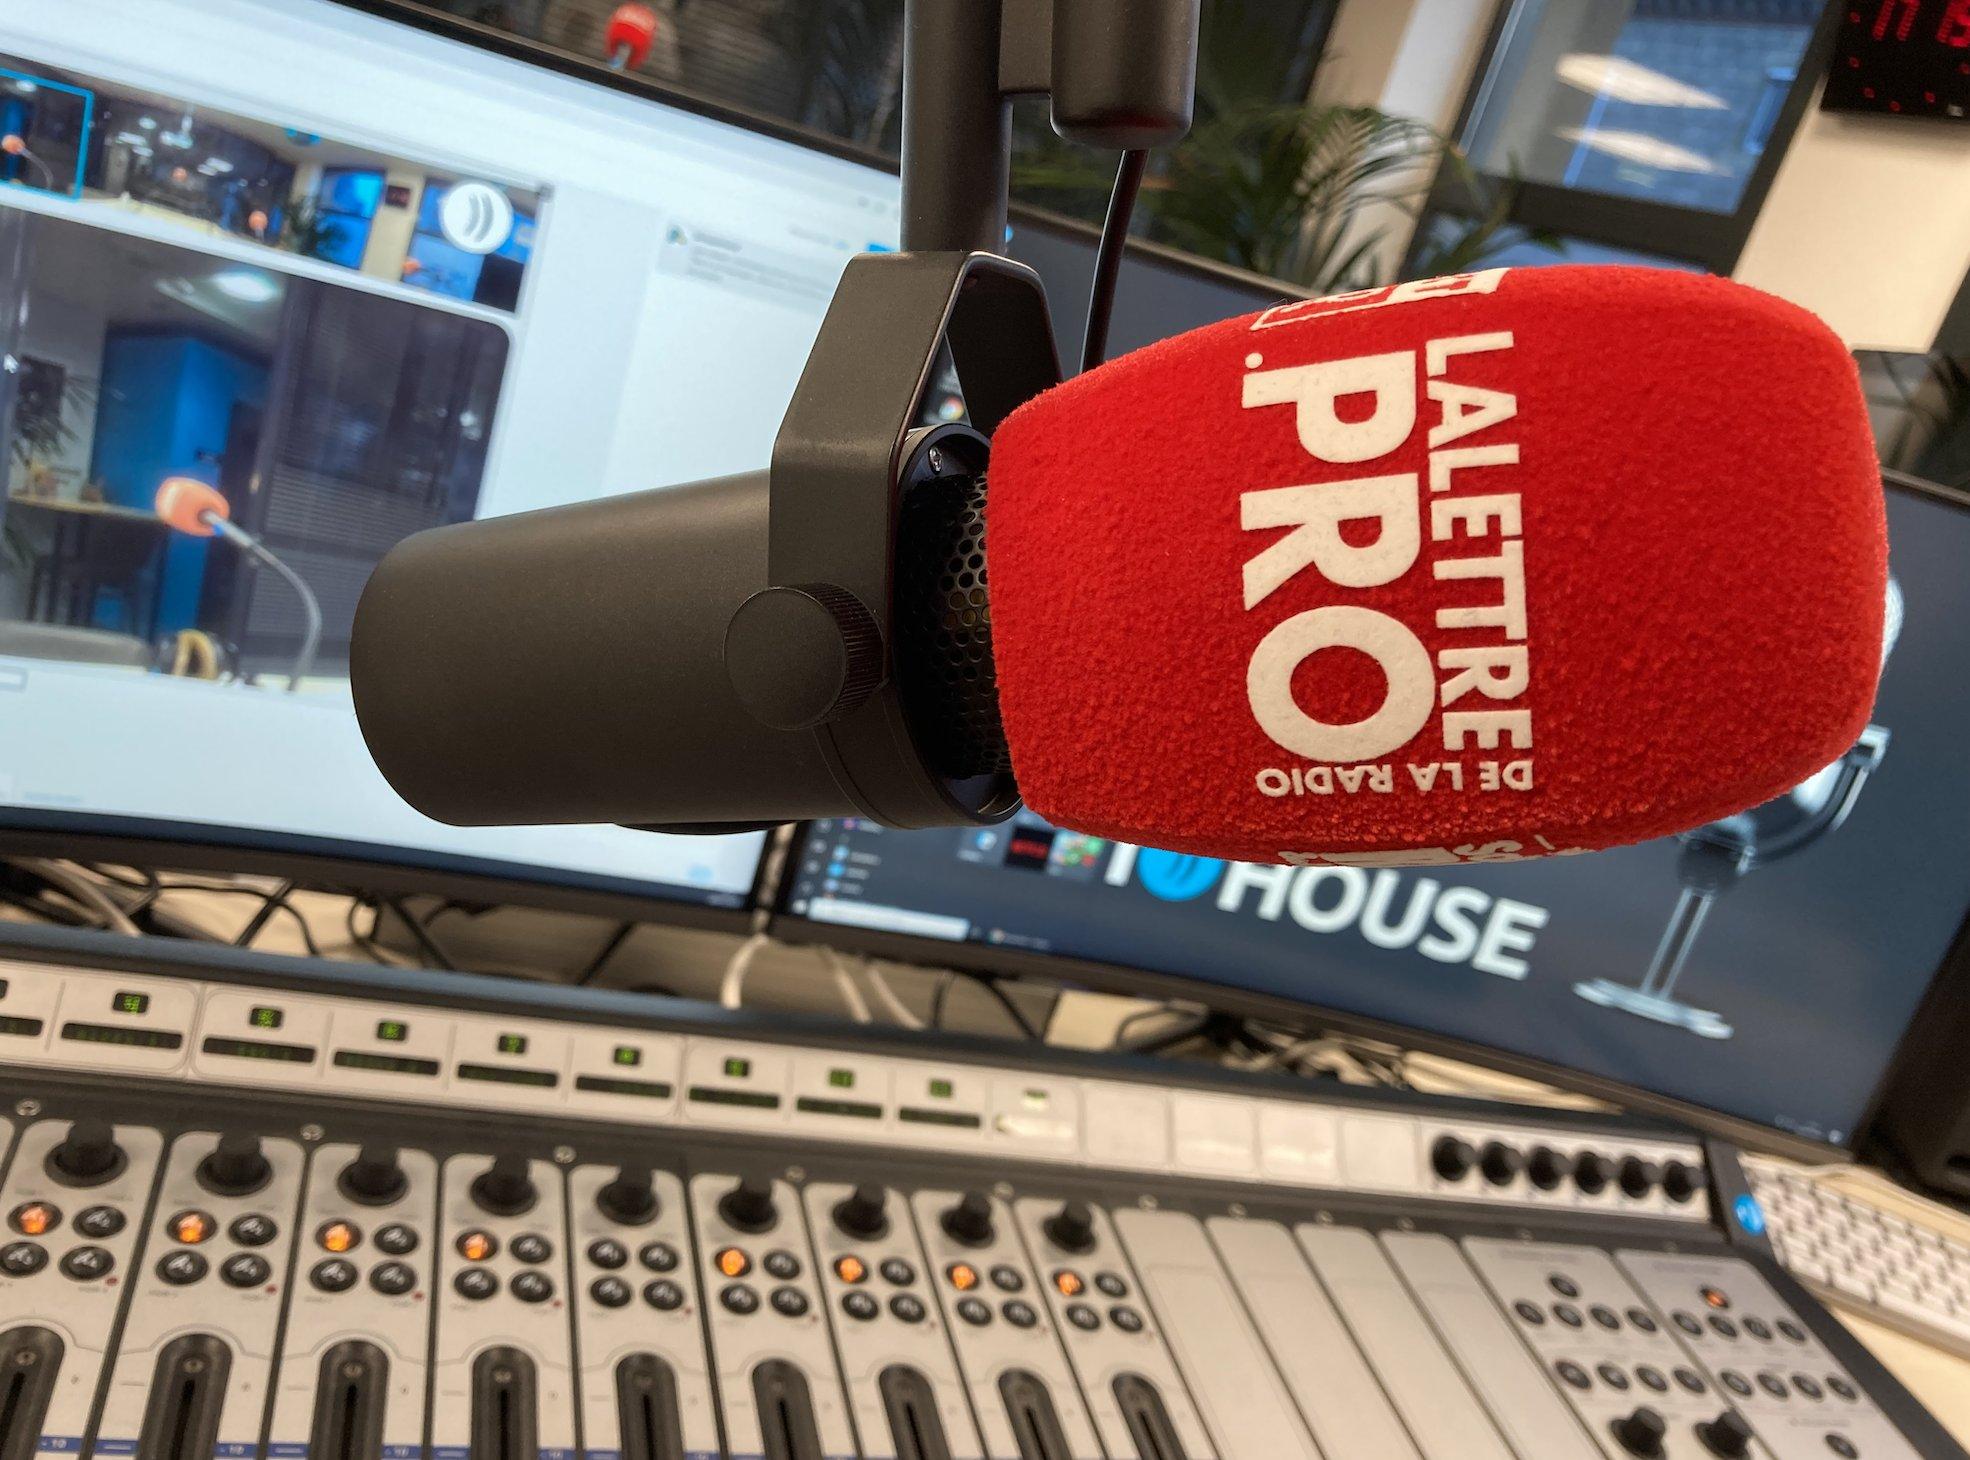 Le prochain #RadioTour se déroulera ce jeudi 18 mars à partir de 09h. Nous devions être à Montpellier. Compte tenu de la situation, nous avons décidé de maintenir cette étape qui sera diffusée et centralisée depuis notre studio de Brive